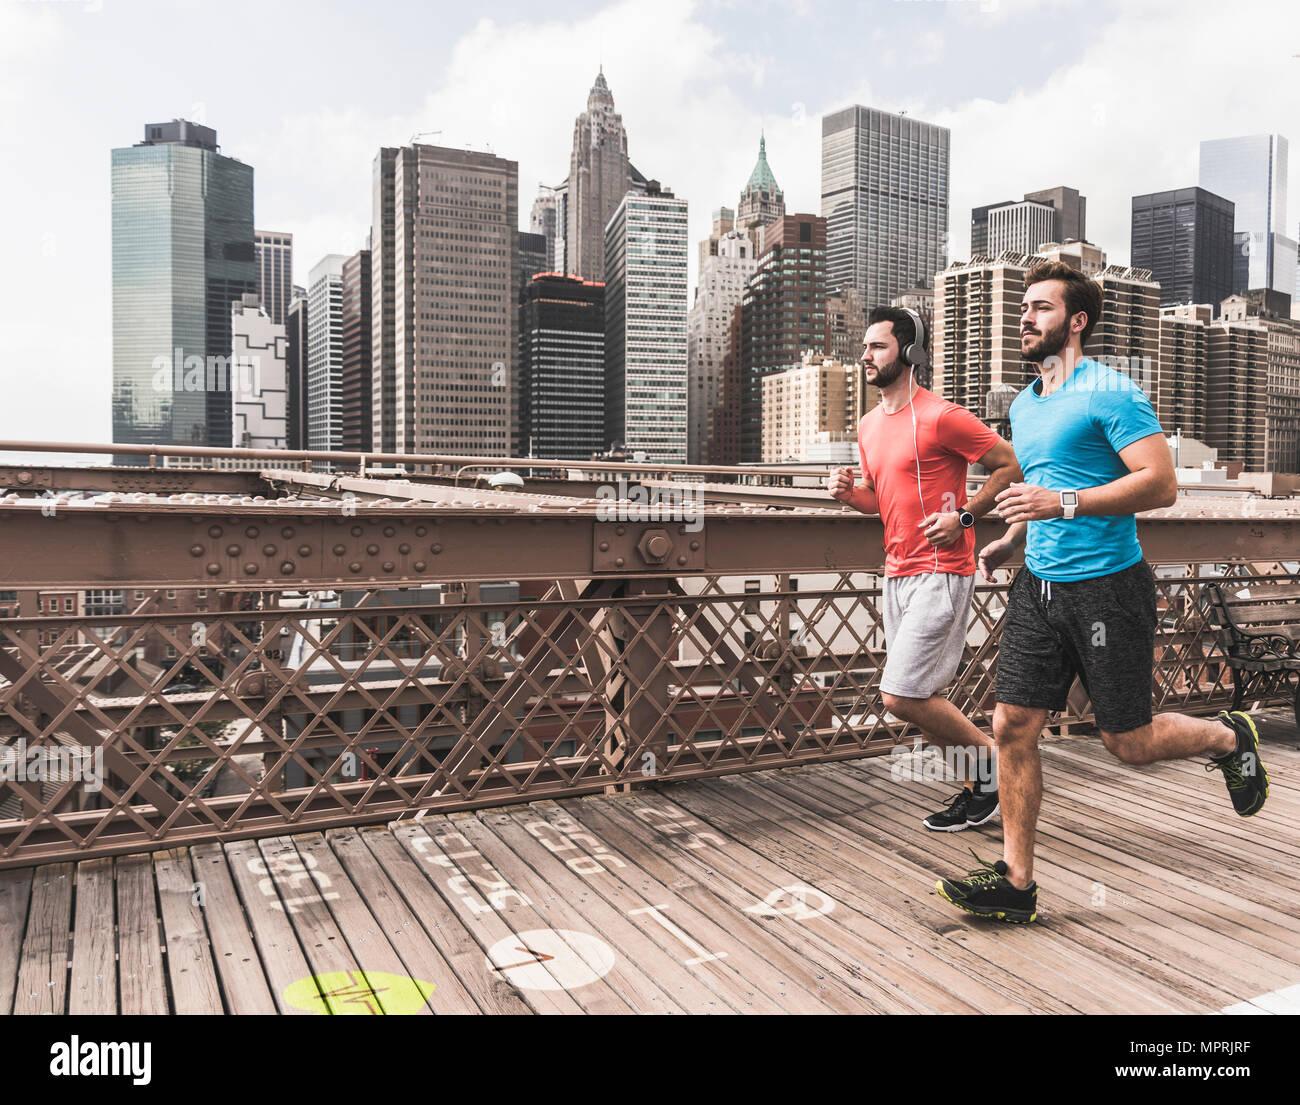 Stati Uniti d'America, New York City, due uomini in esecuzione su Brooklyn Brige con dati sul terreno Immagini Stock